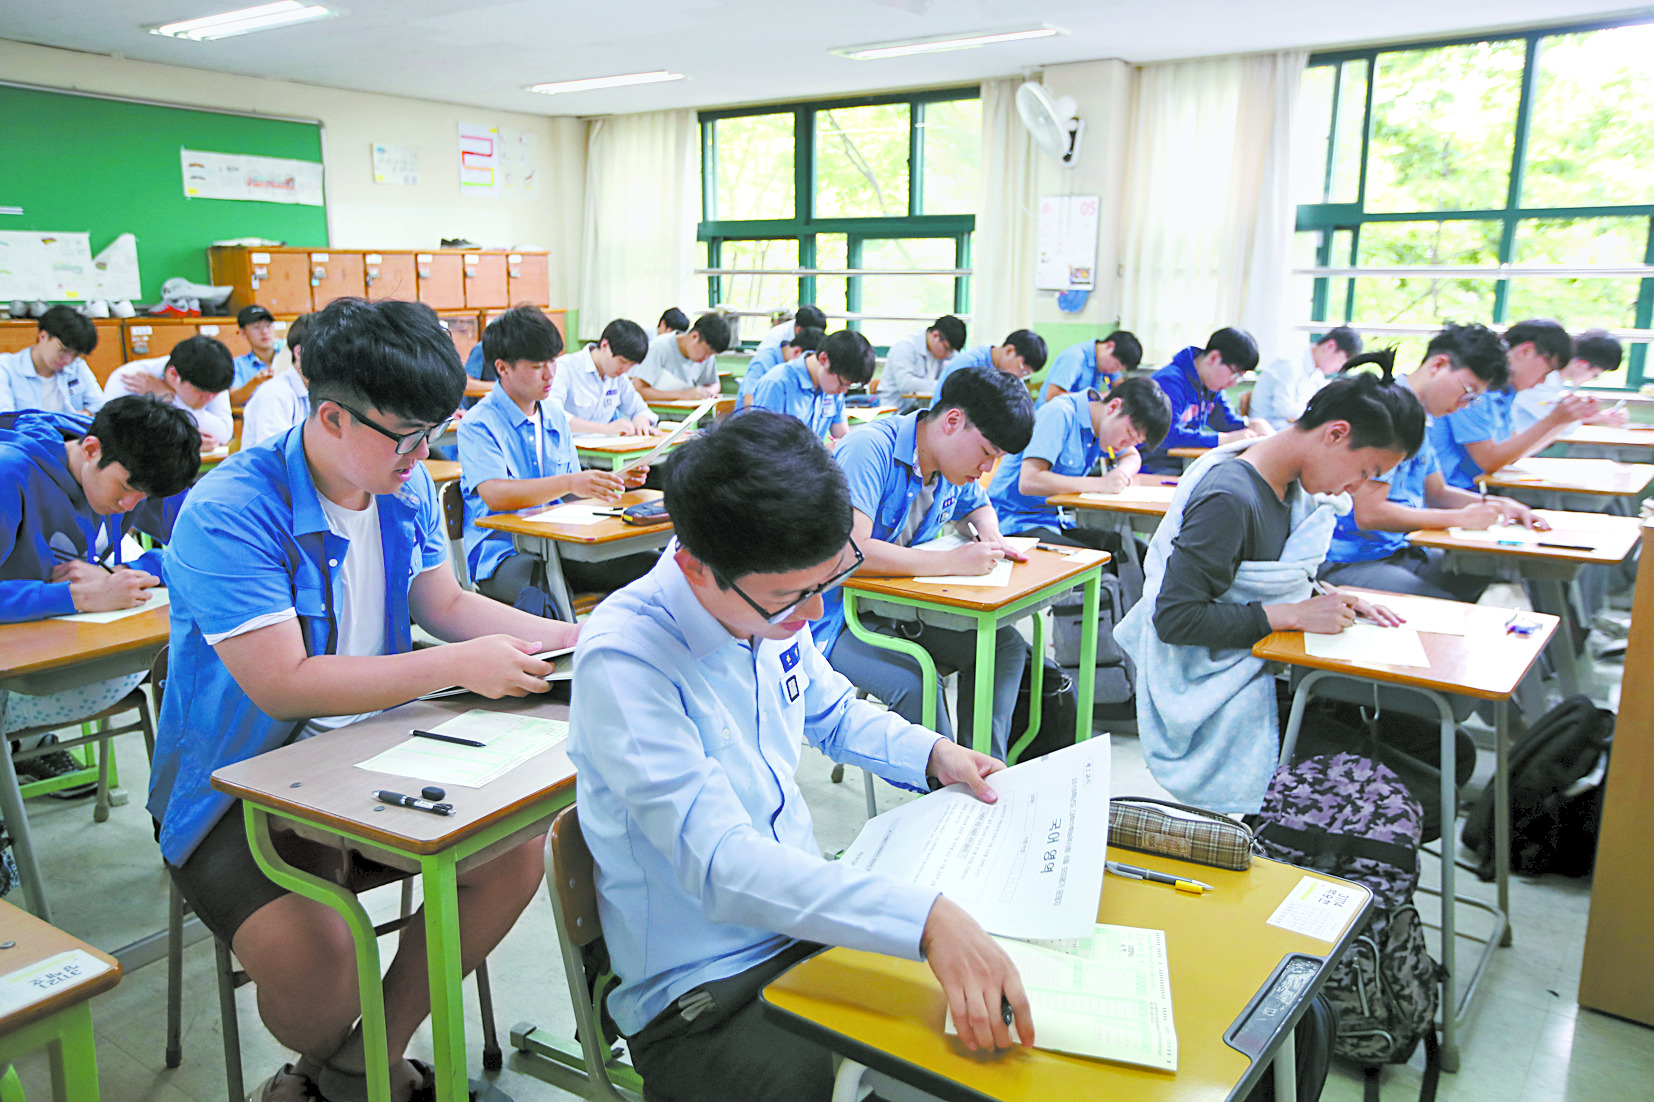 서울 경복고 학생들이 지난 1일 2018학년도 6월 수능 모의평가를 치르고 있다 [중앙포토]